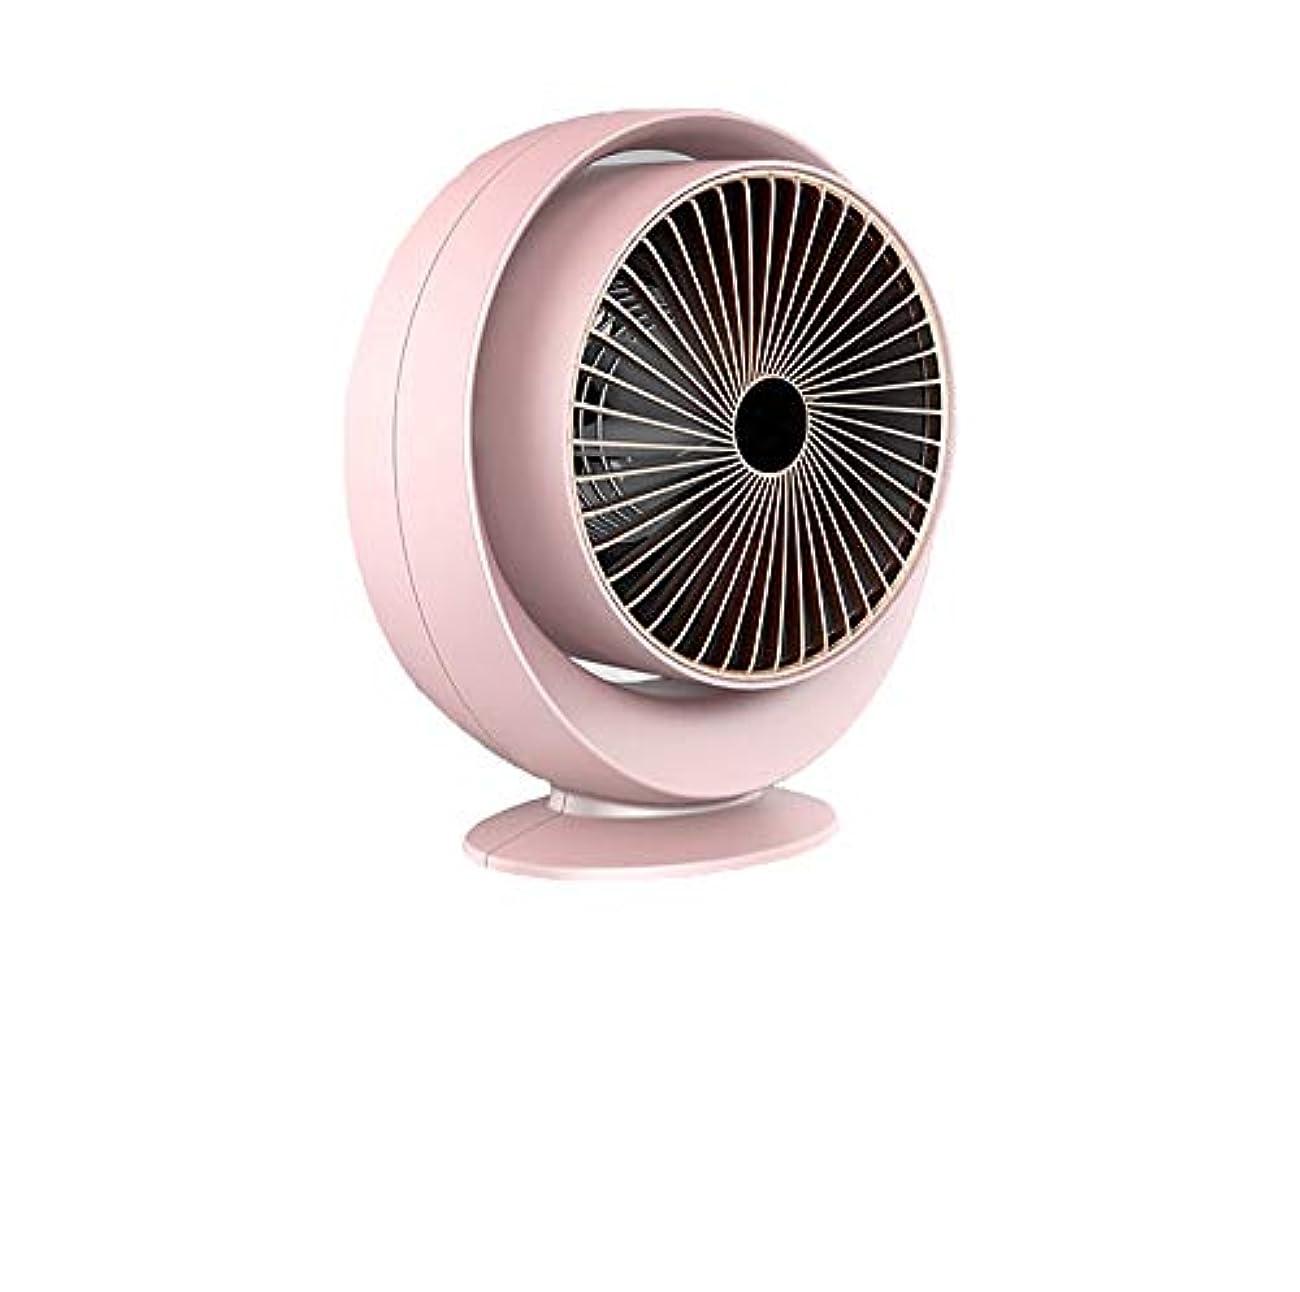 ダンプねじれ処方する三井 ミニヒーター家庭用小型電気ヒーターデスクトップヒーター小型太陽省電力オフィス浴室の壁面には、マウント (Color : Pink)